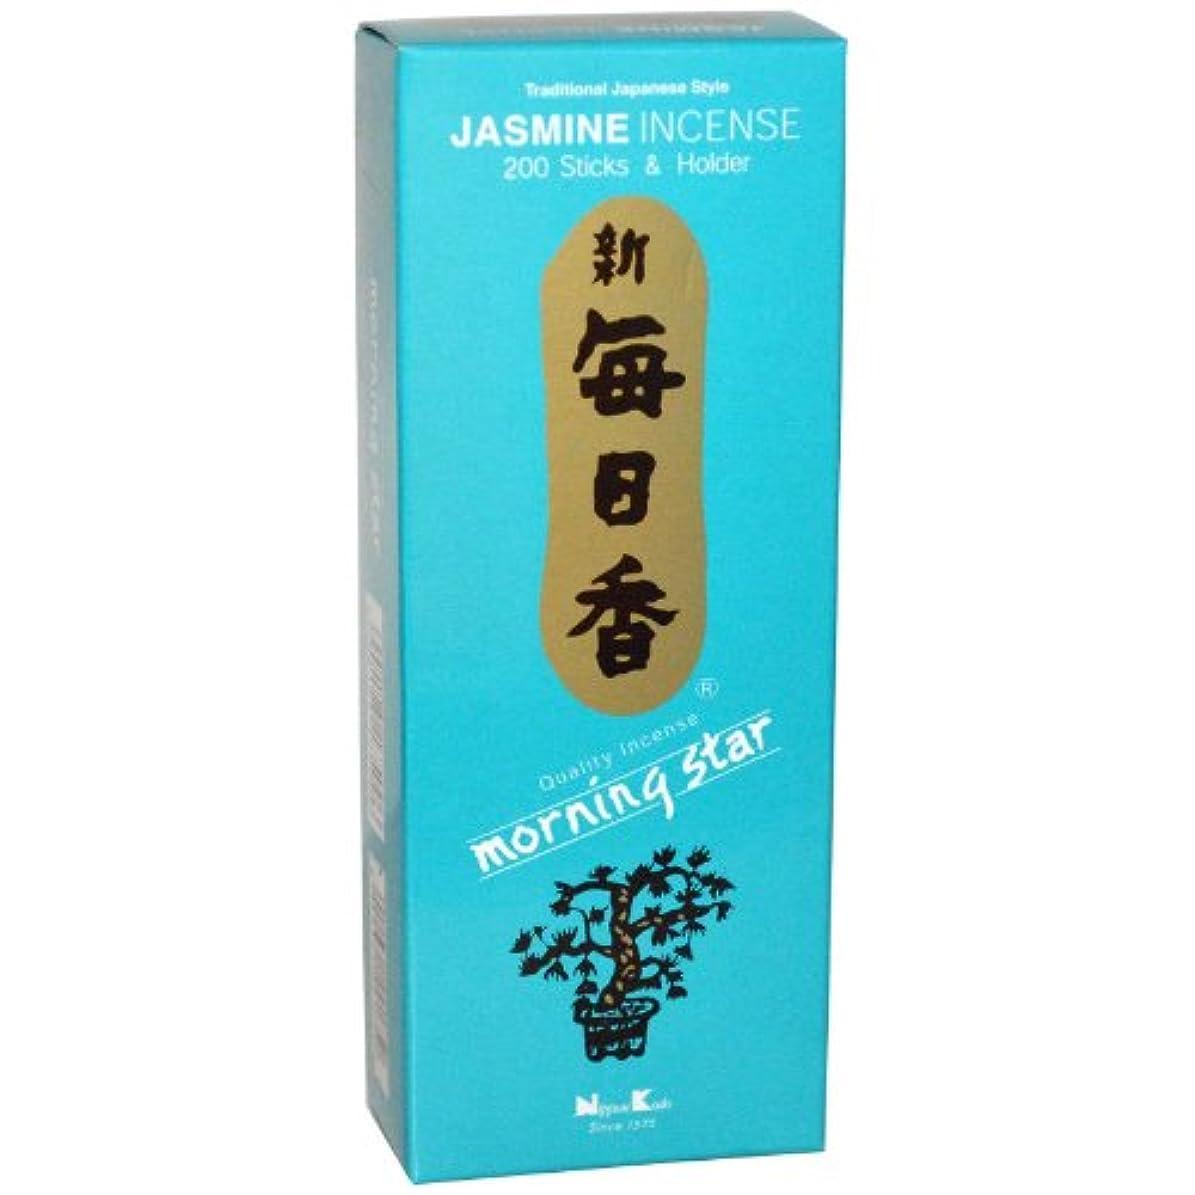 時々クリップ蝶好色なNippon Kodo, Morning Star, Jasmine Incense, 200 Sticks & Holder